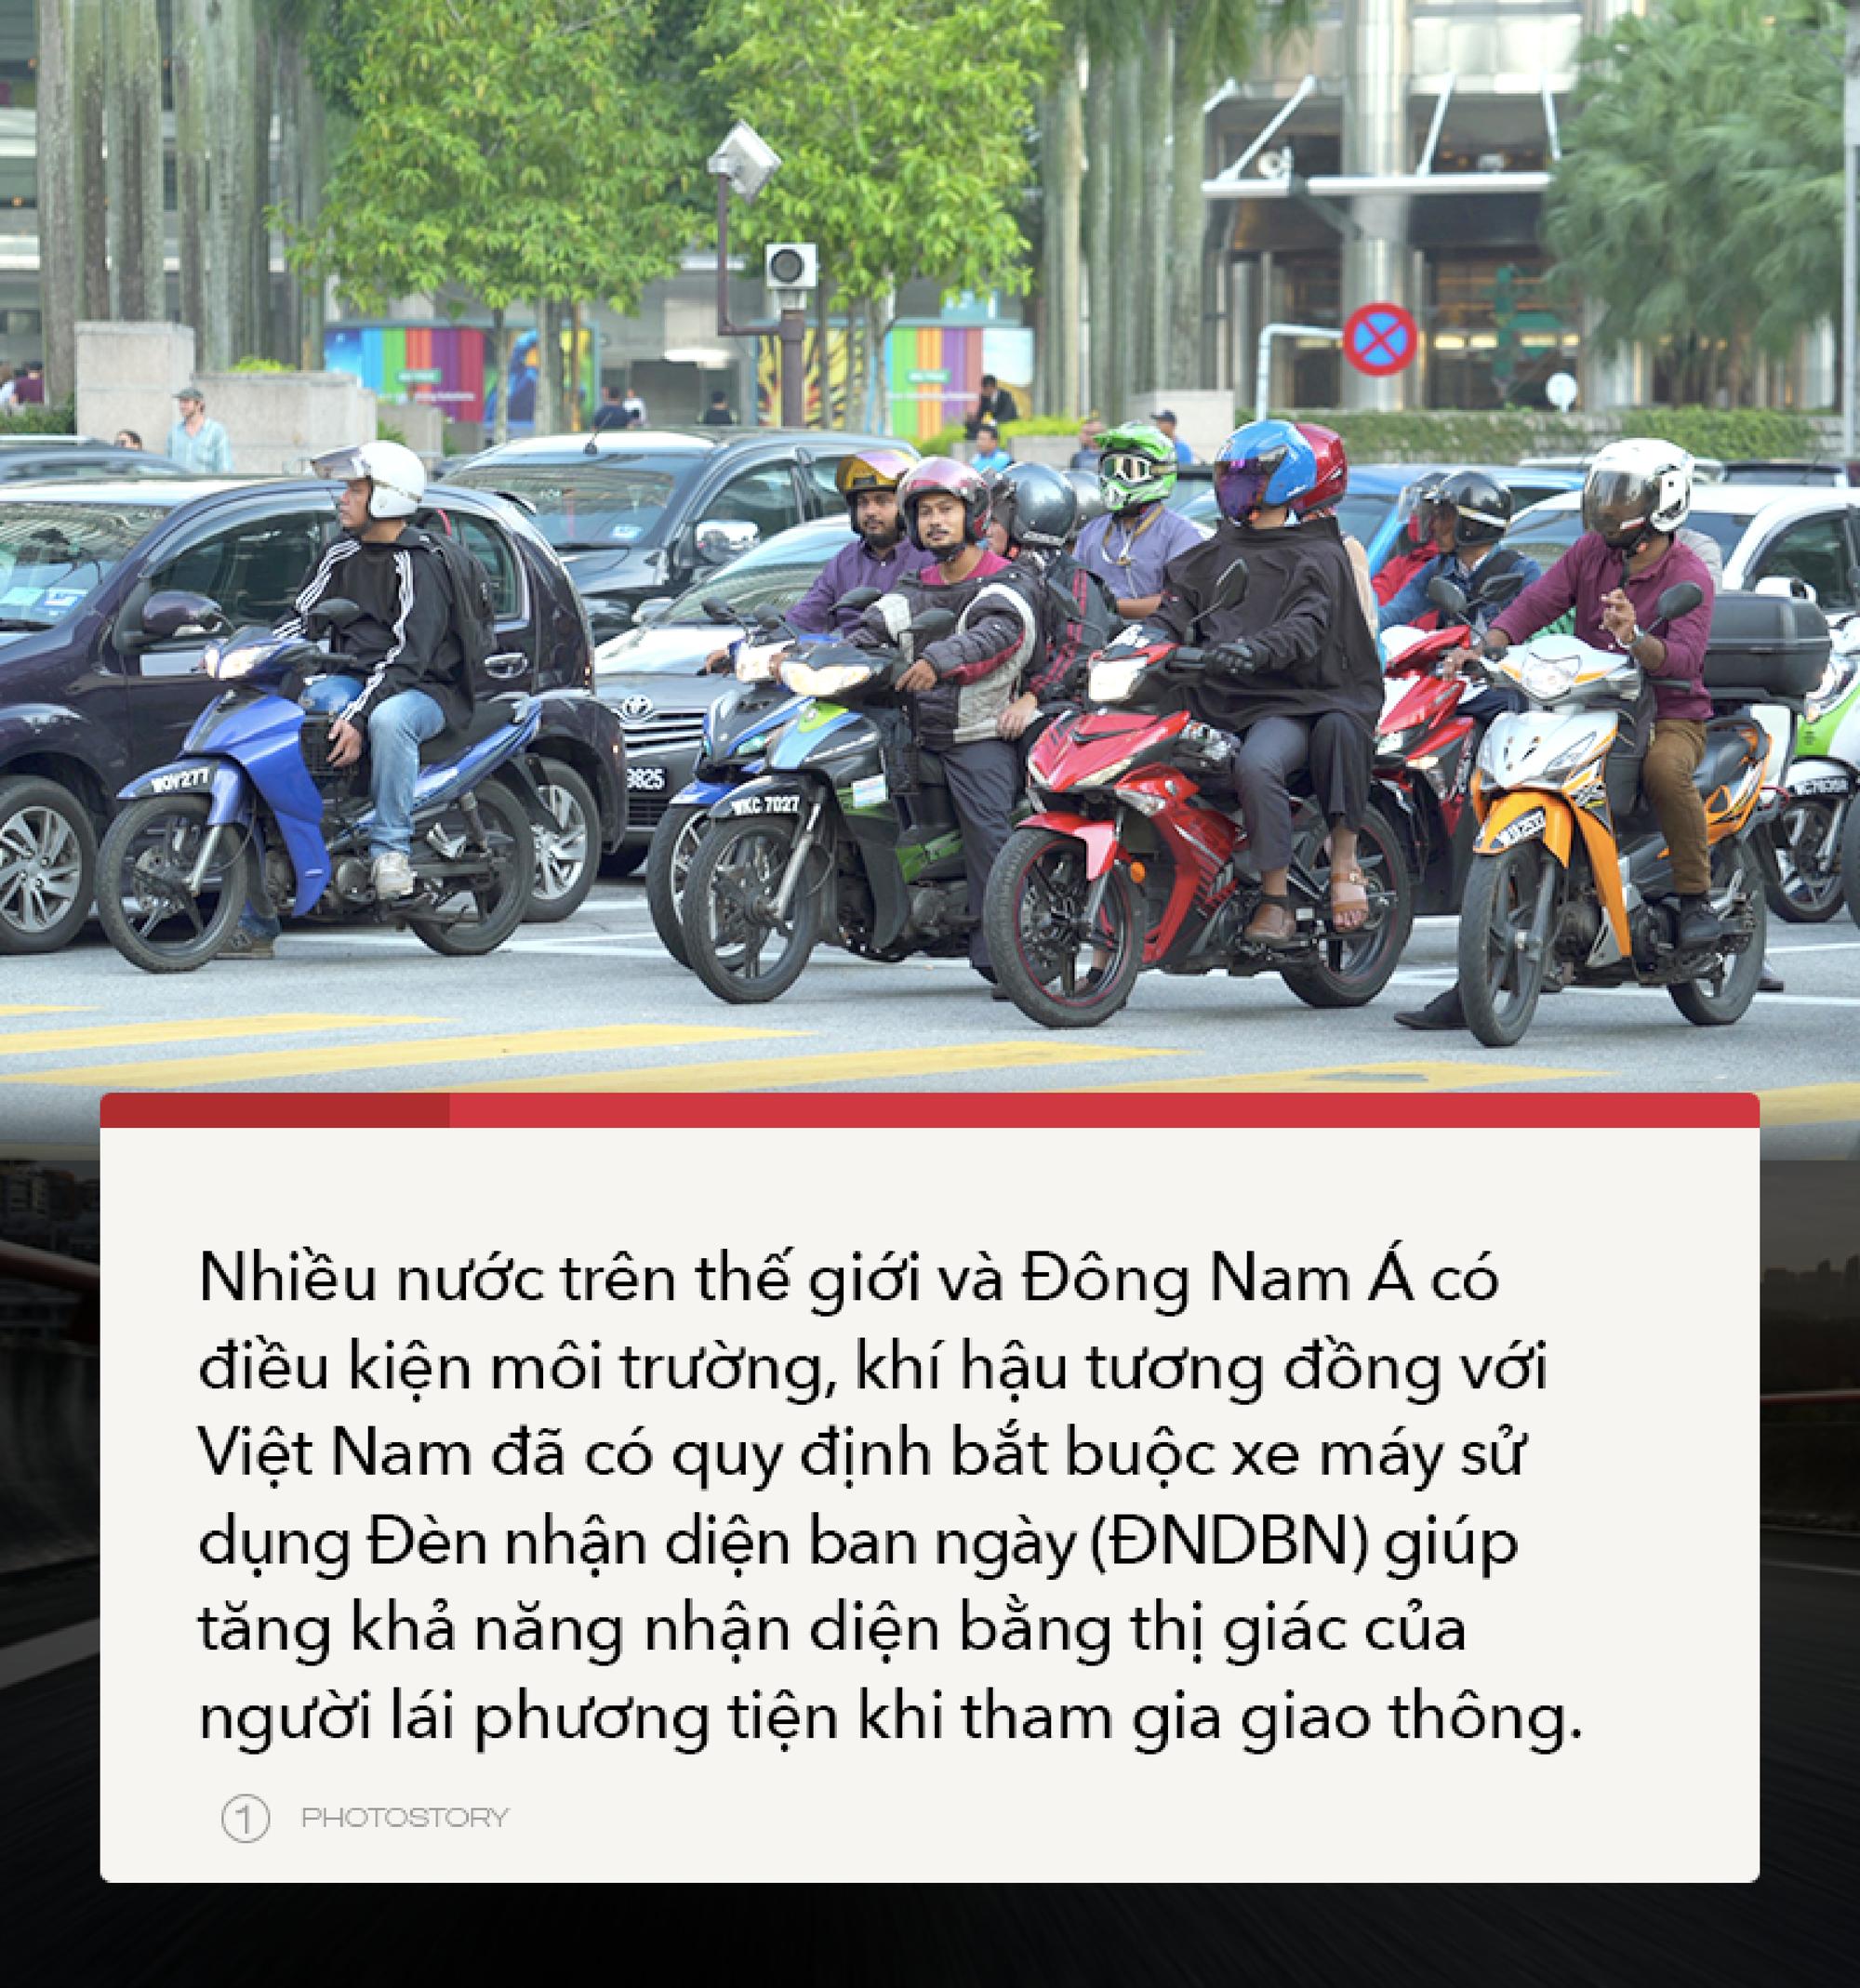 Đèn nhận diện ban ngày, xu hướng dần trở nên phổ biến tại Việt Nam - Ảnh 3.